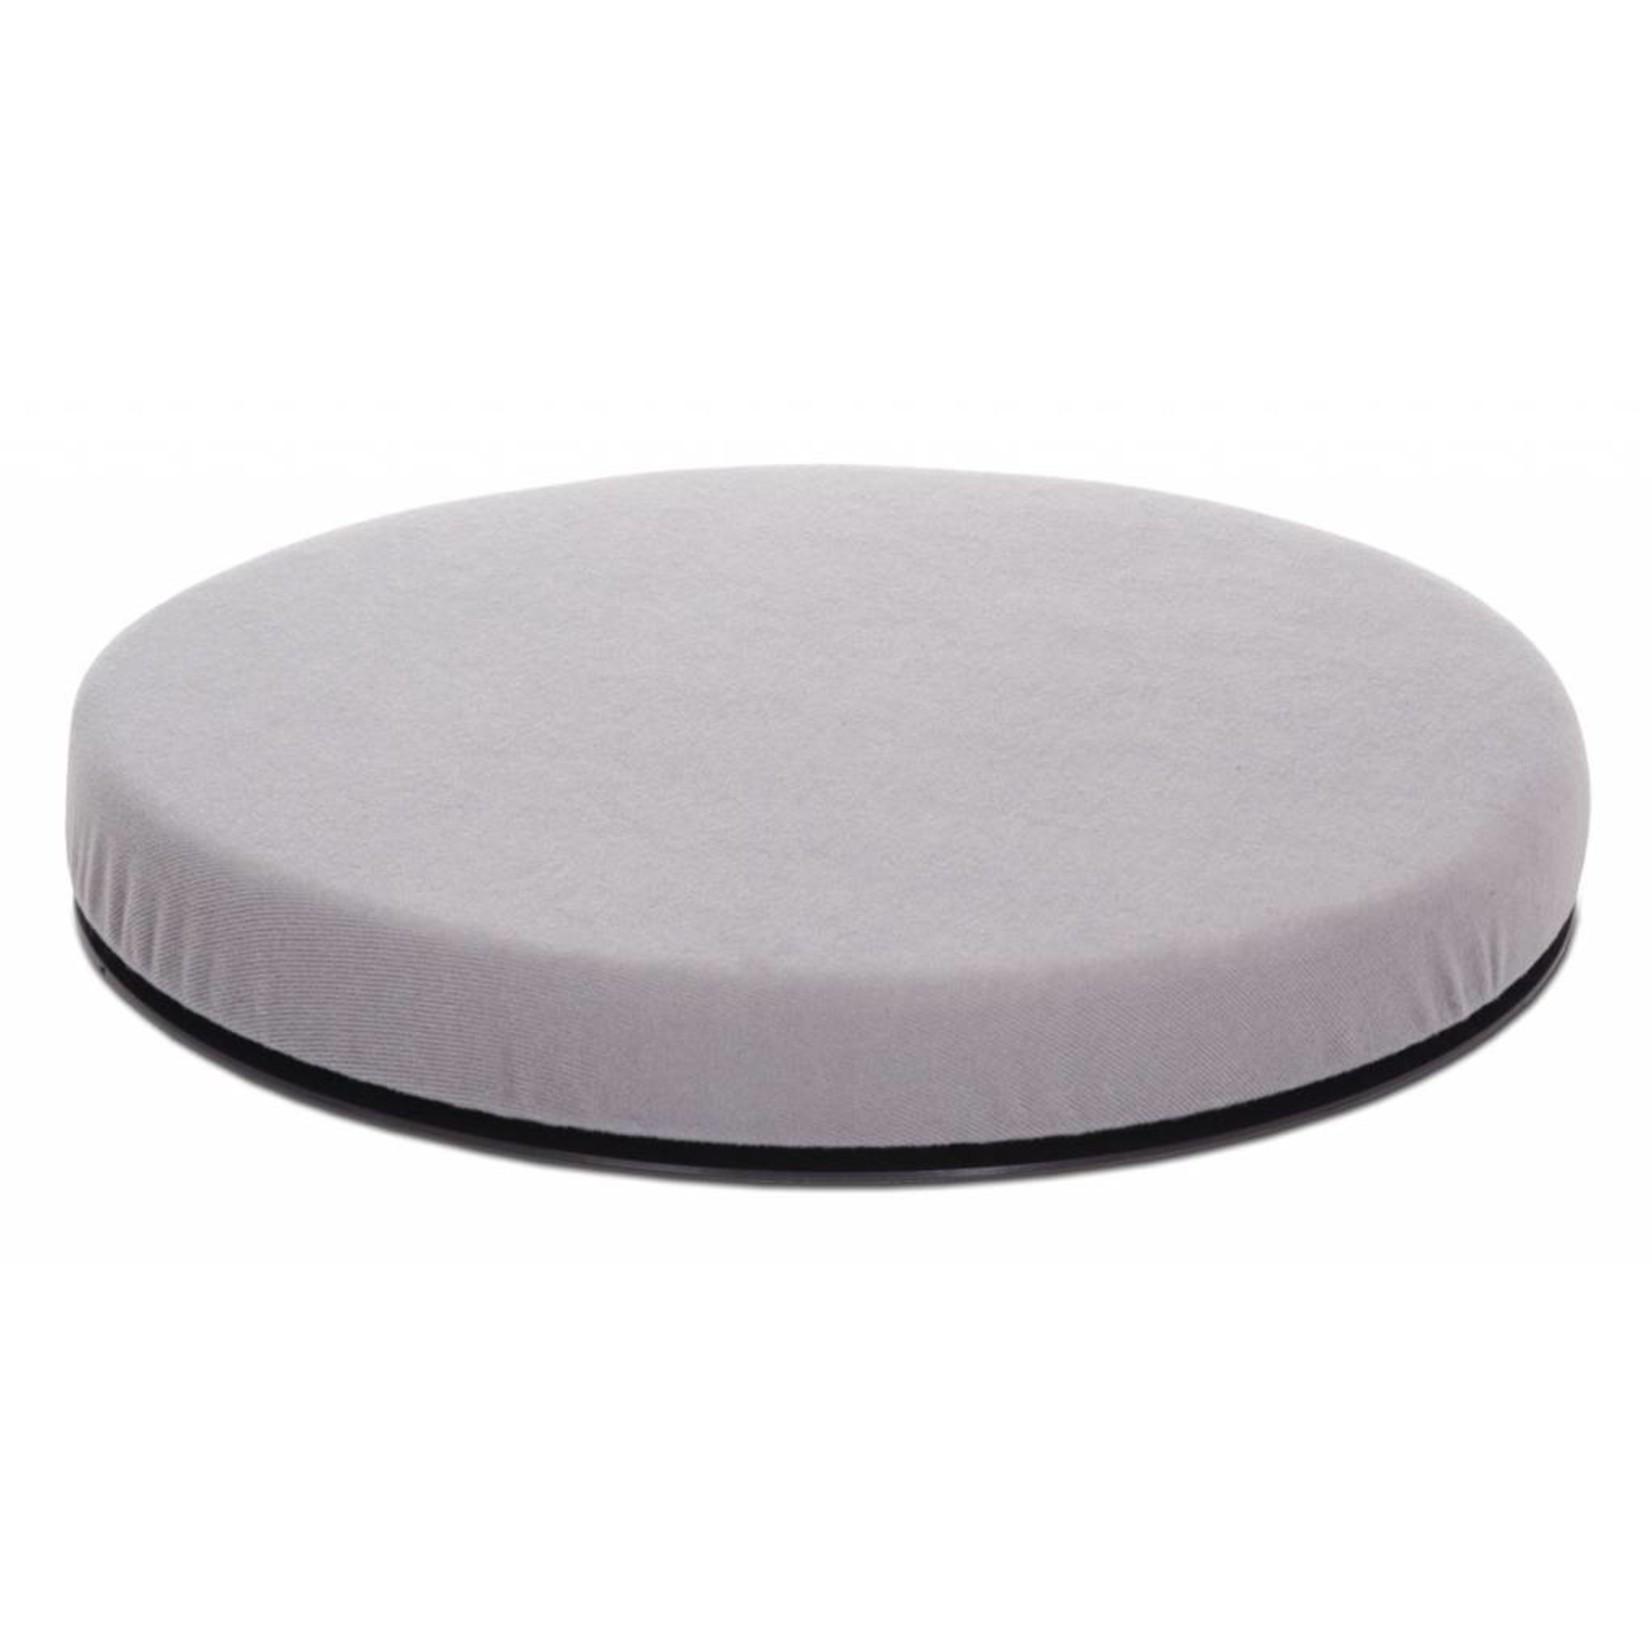 Essential Medical Swivel Seat Cushion C:GREY